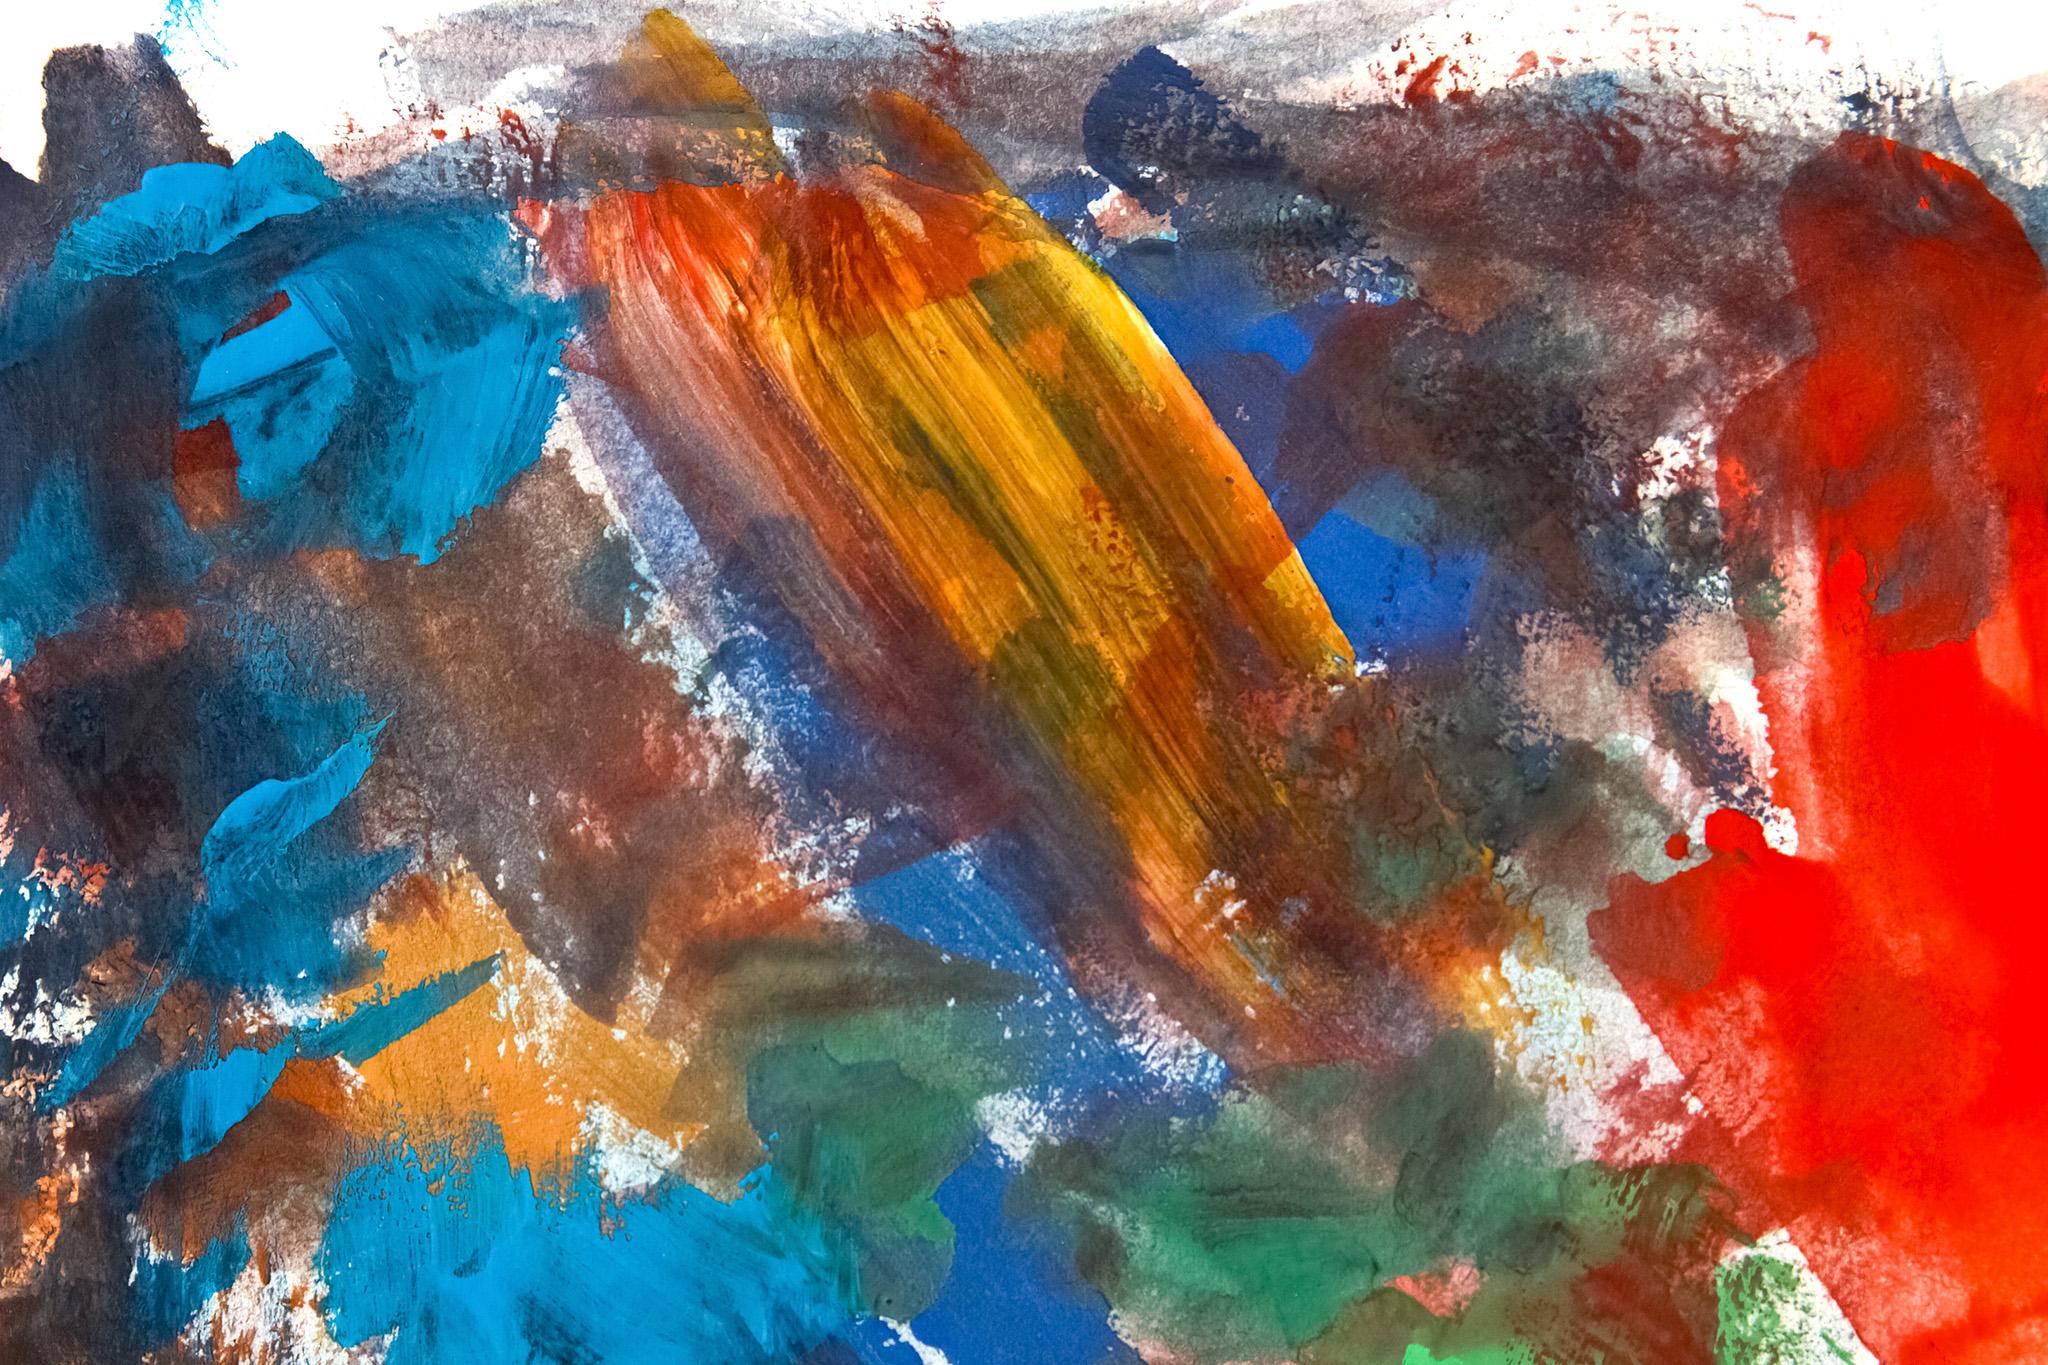 「青黄赤の絵具を厚く塗った紙」